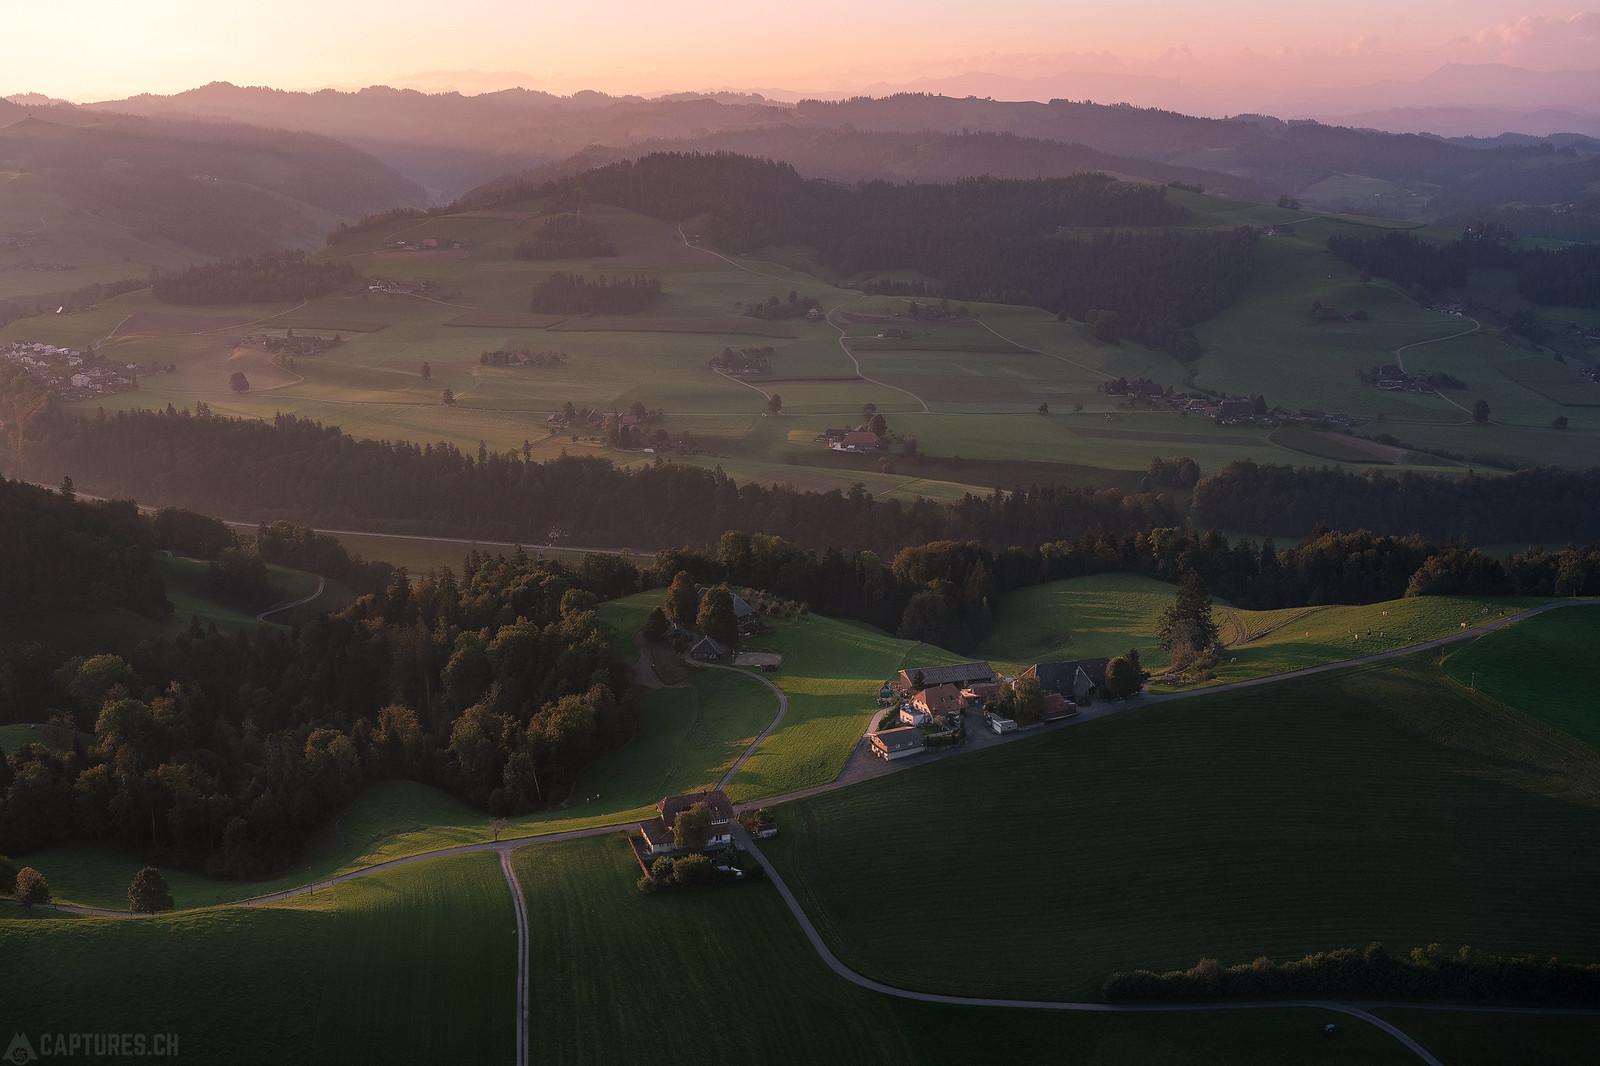 Monring light over the hills - Schonegg